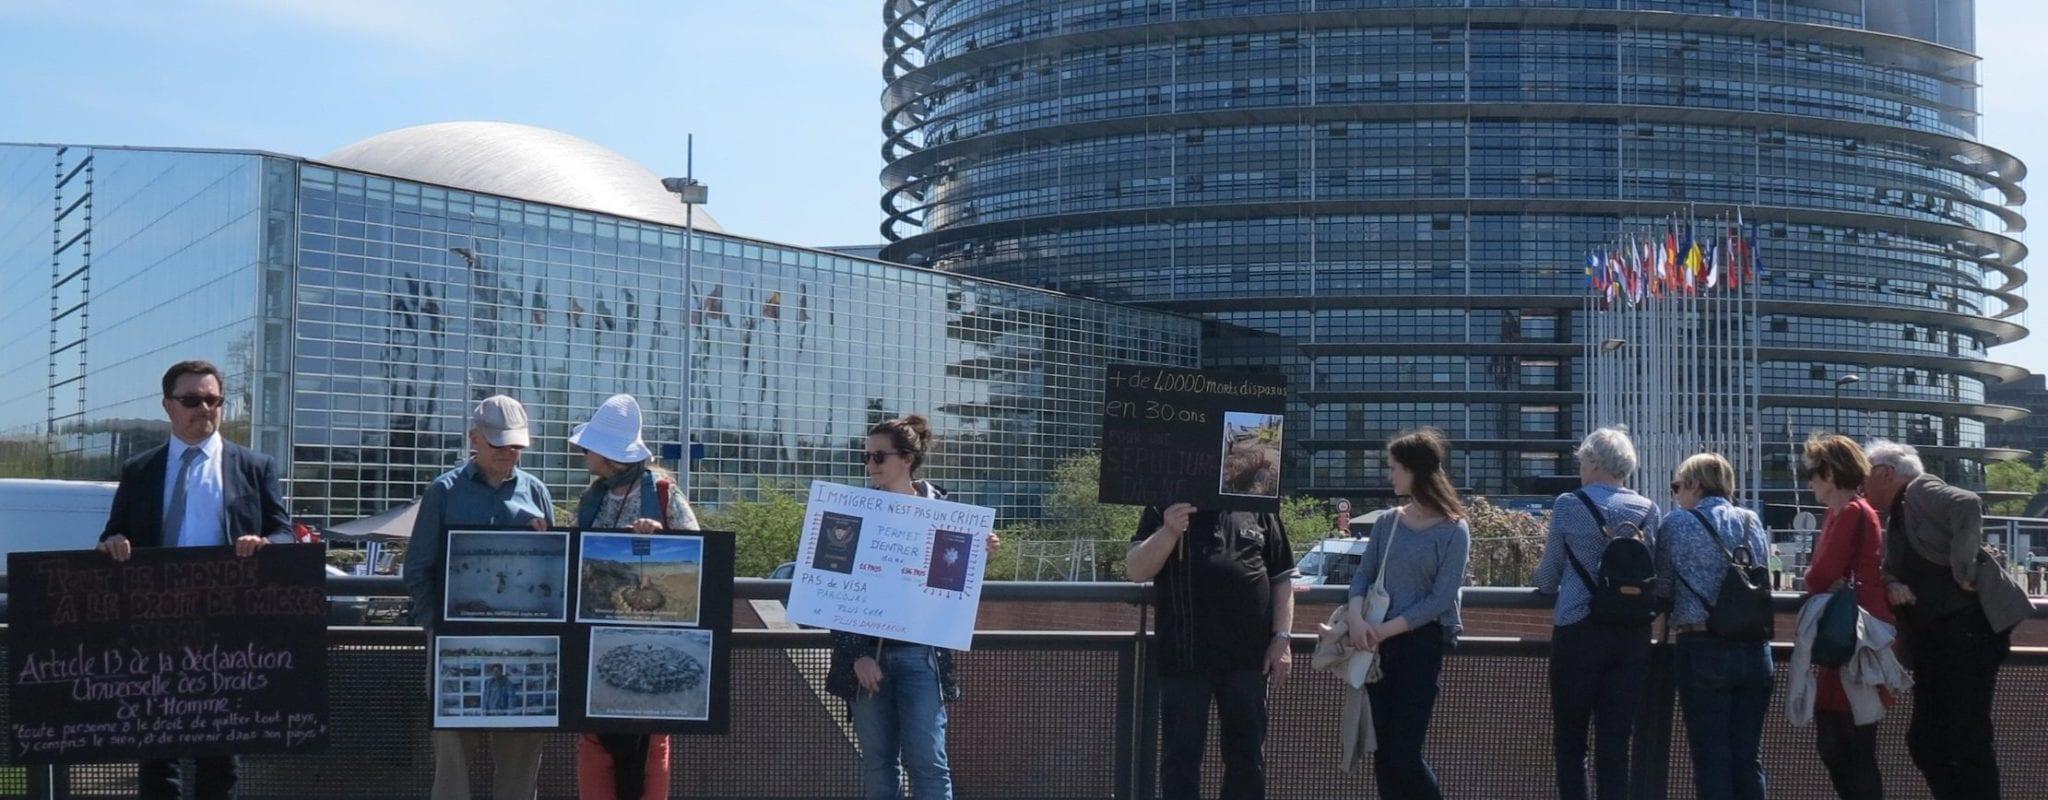 Dimanche, rassemblement «pour une autre politique migratoire» pendant les portes ouvertes du Parlement européen